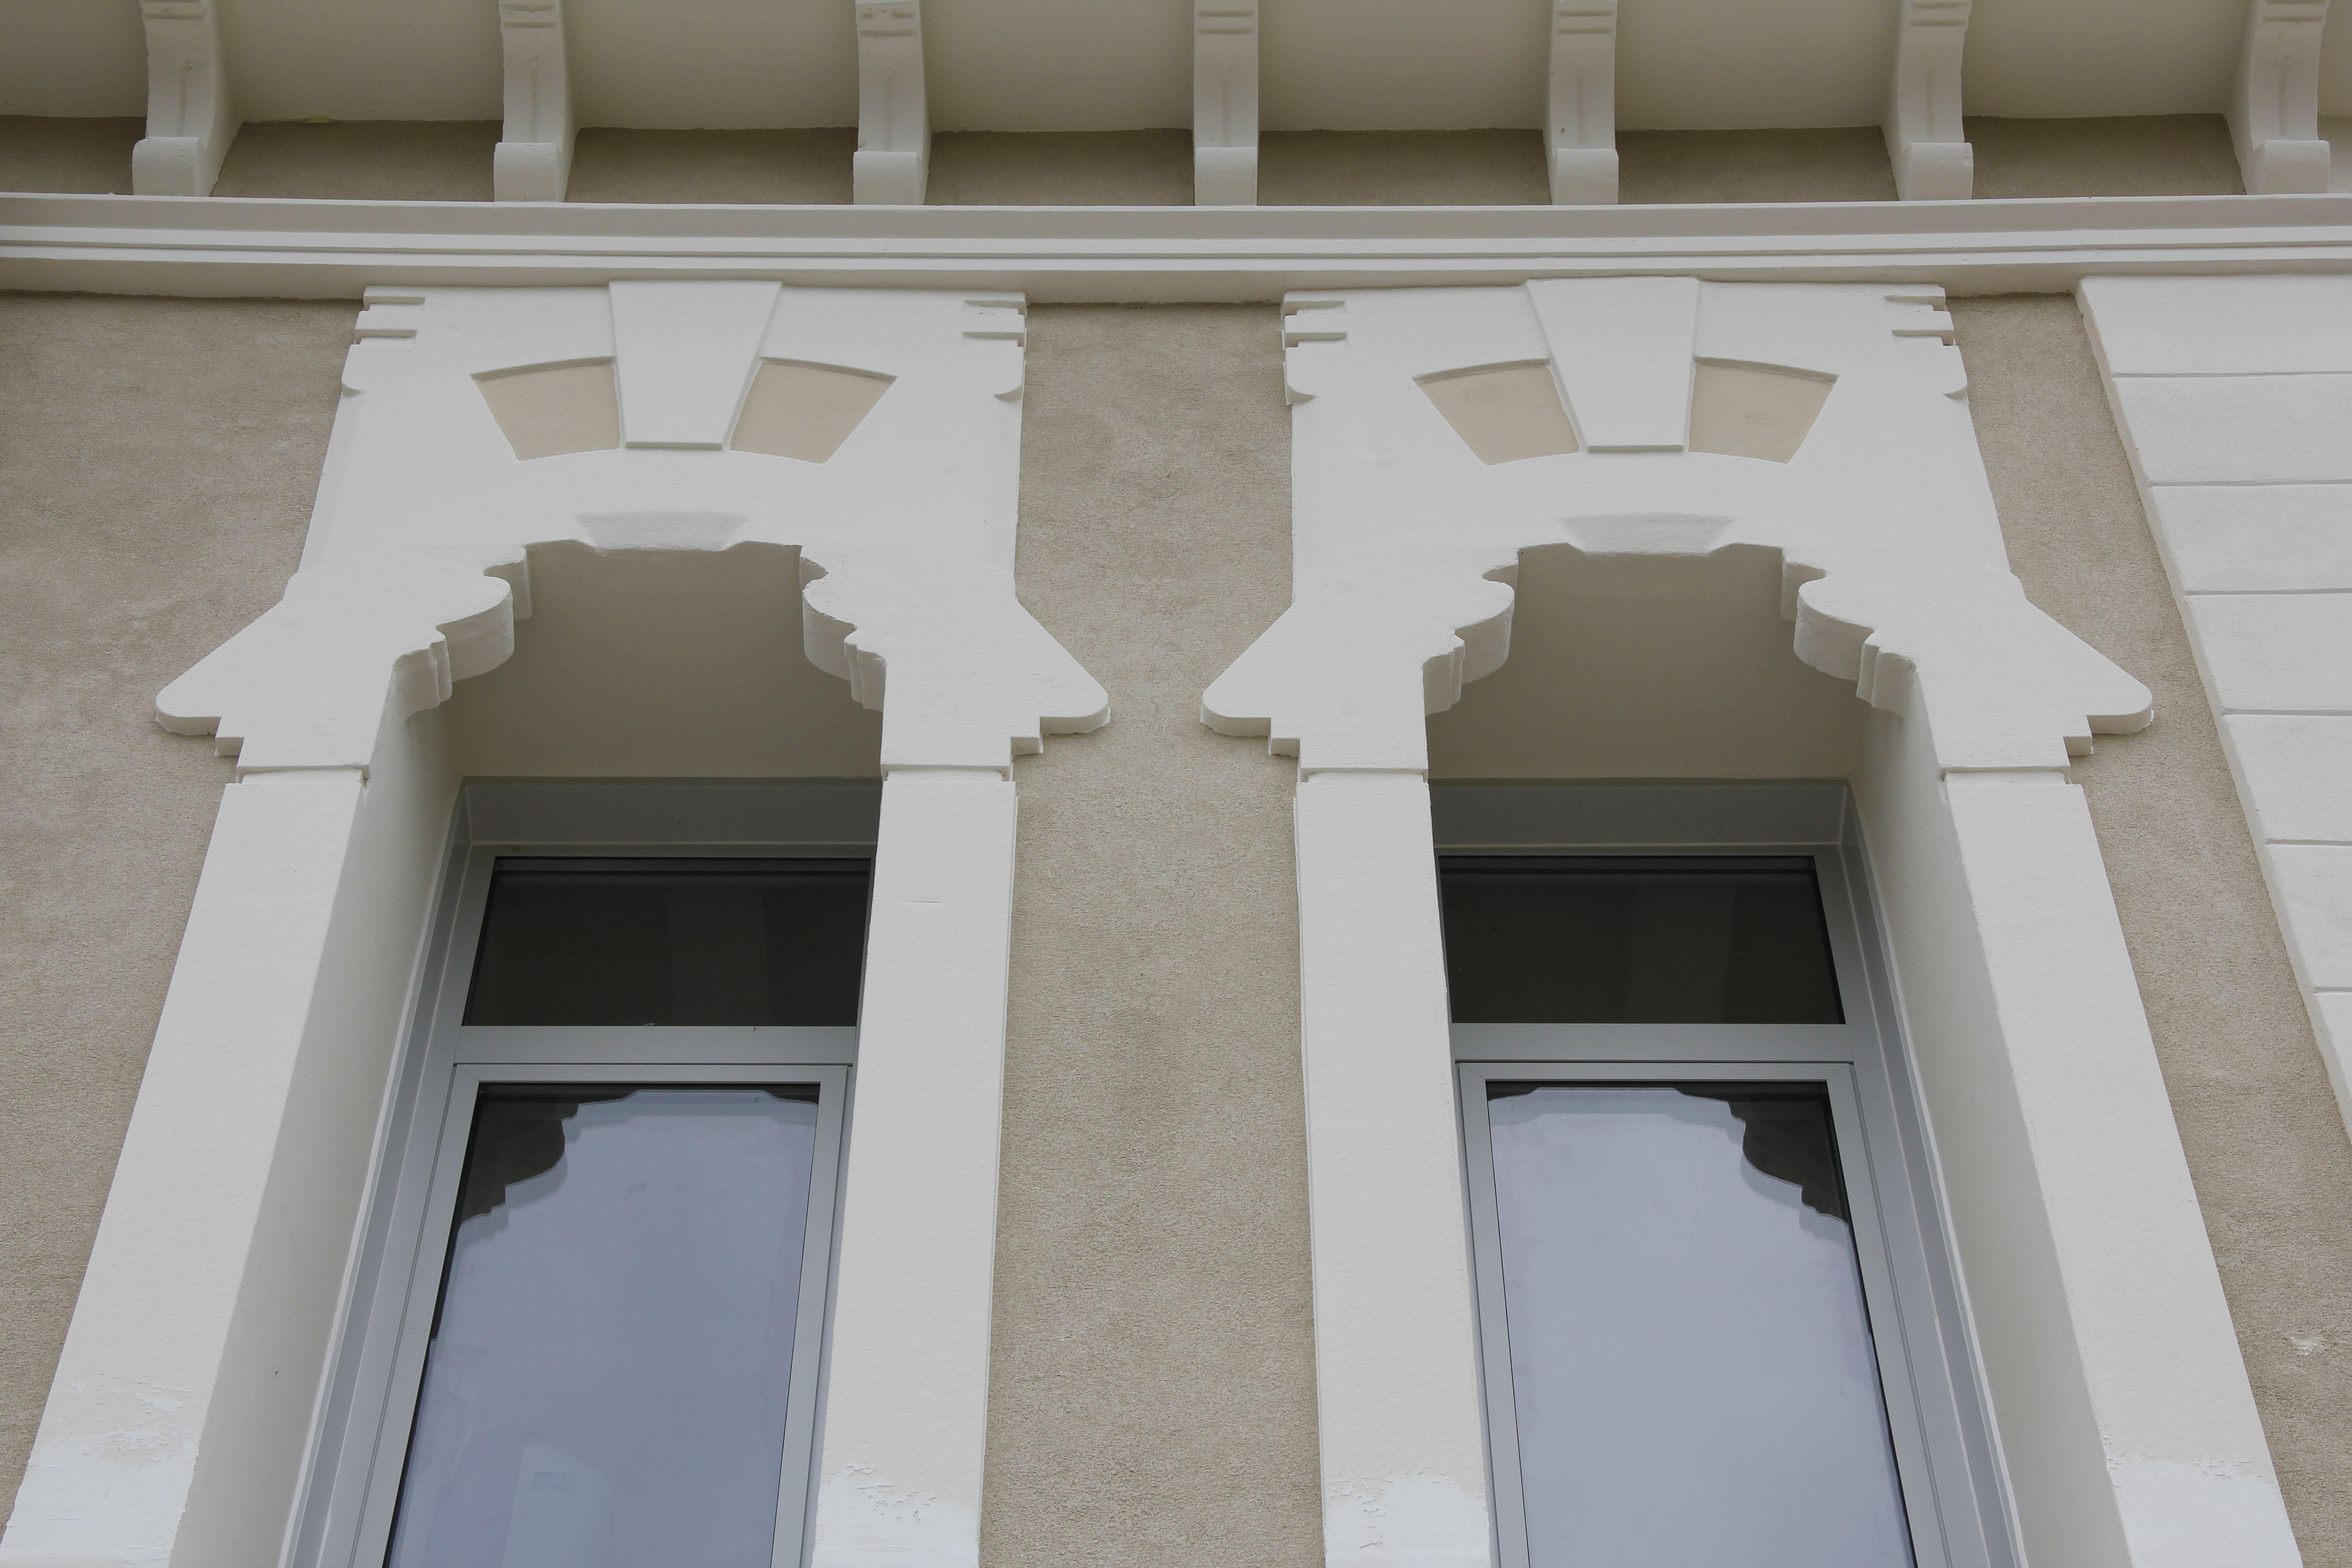 Cornici per finestre decori finestre decorazioni in polistirolo per esterni cornici per - Cornici finestre in polistirolo ...